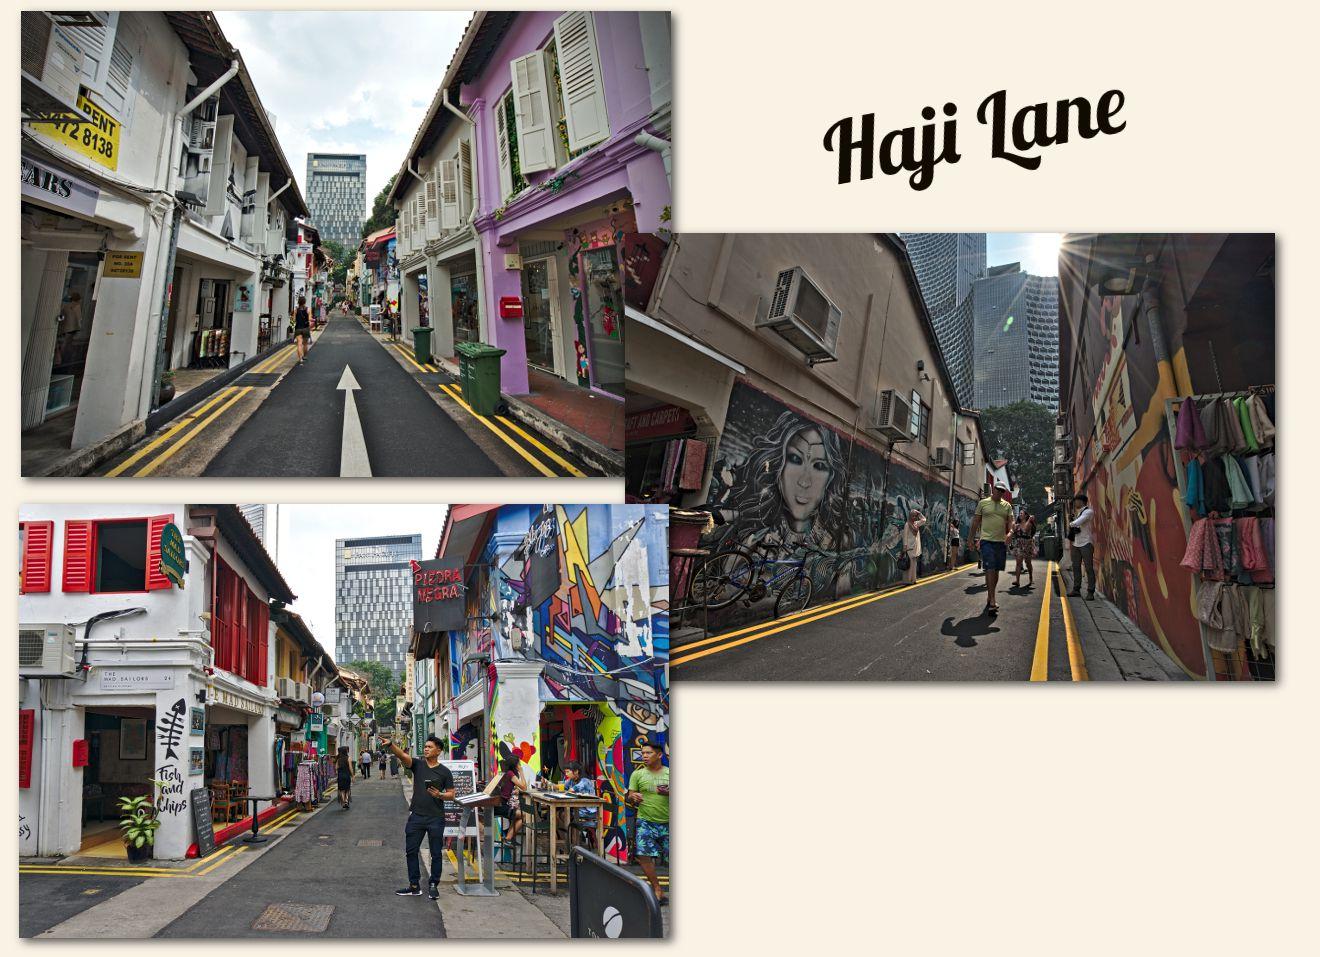 quartier de Haji Lane